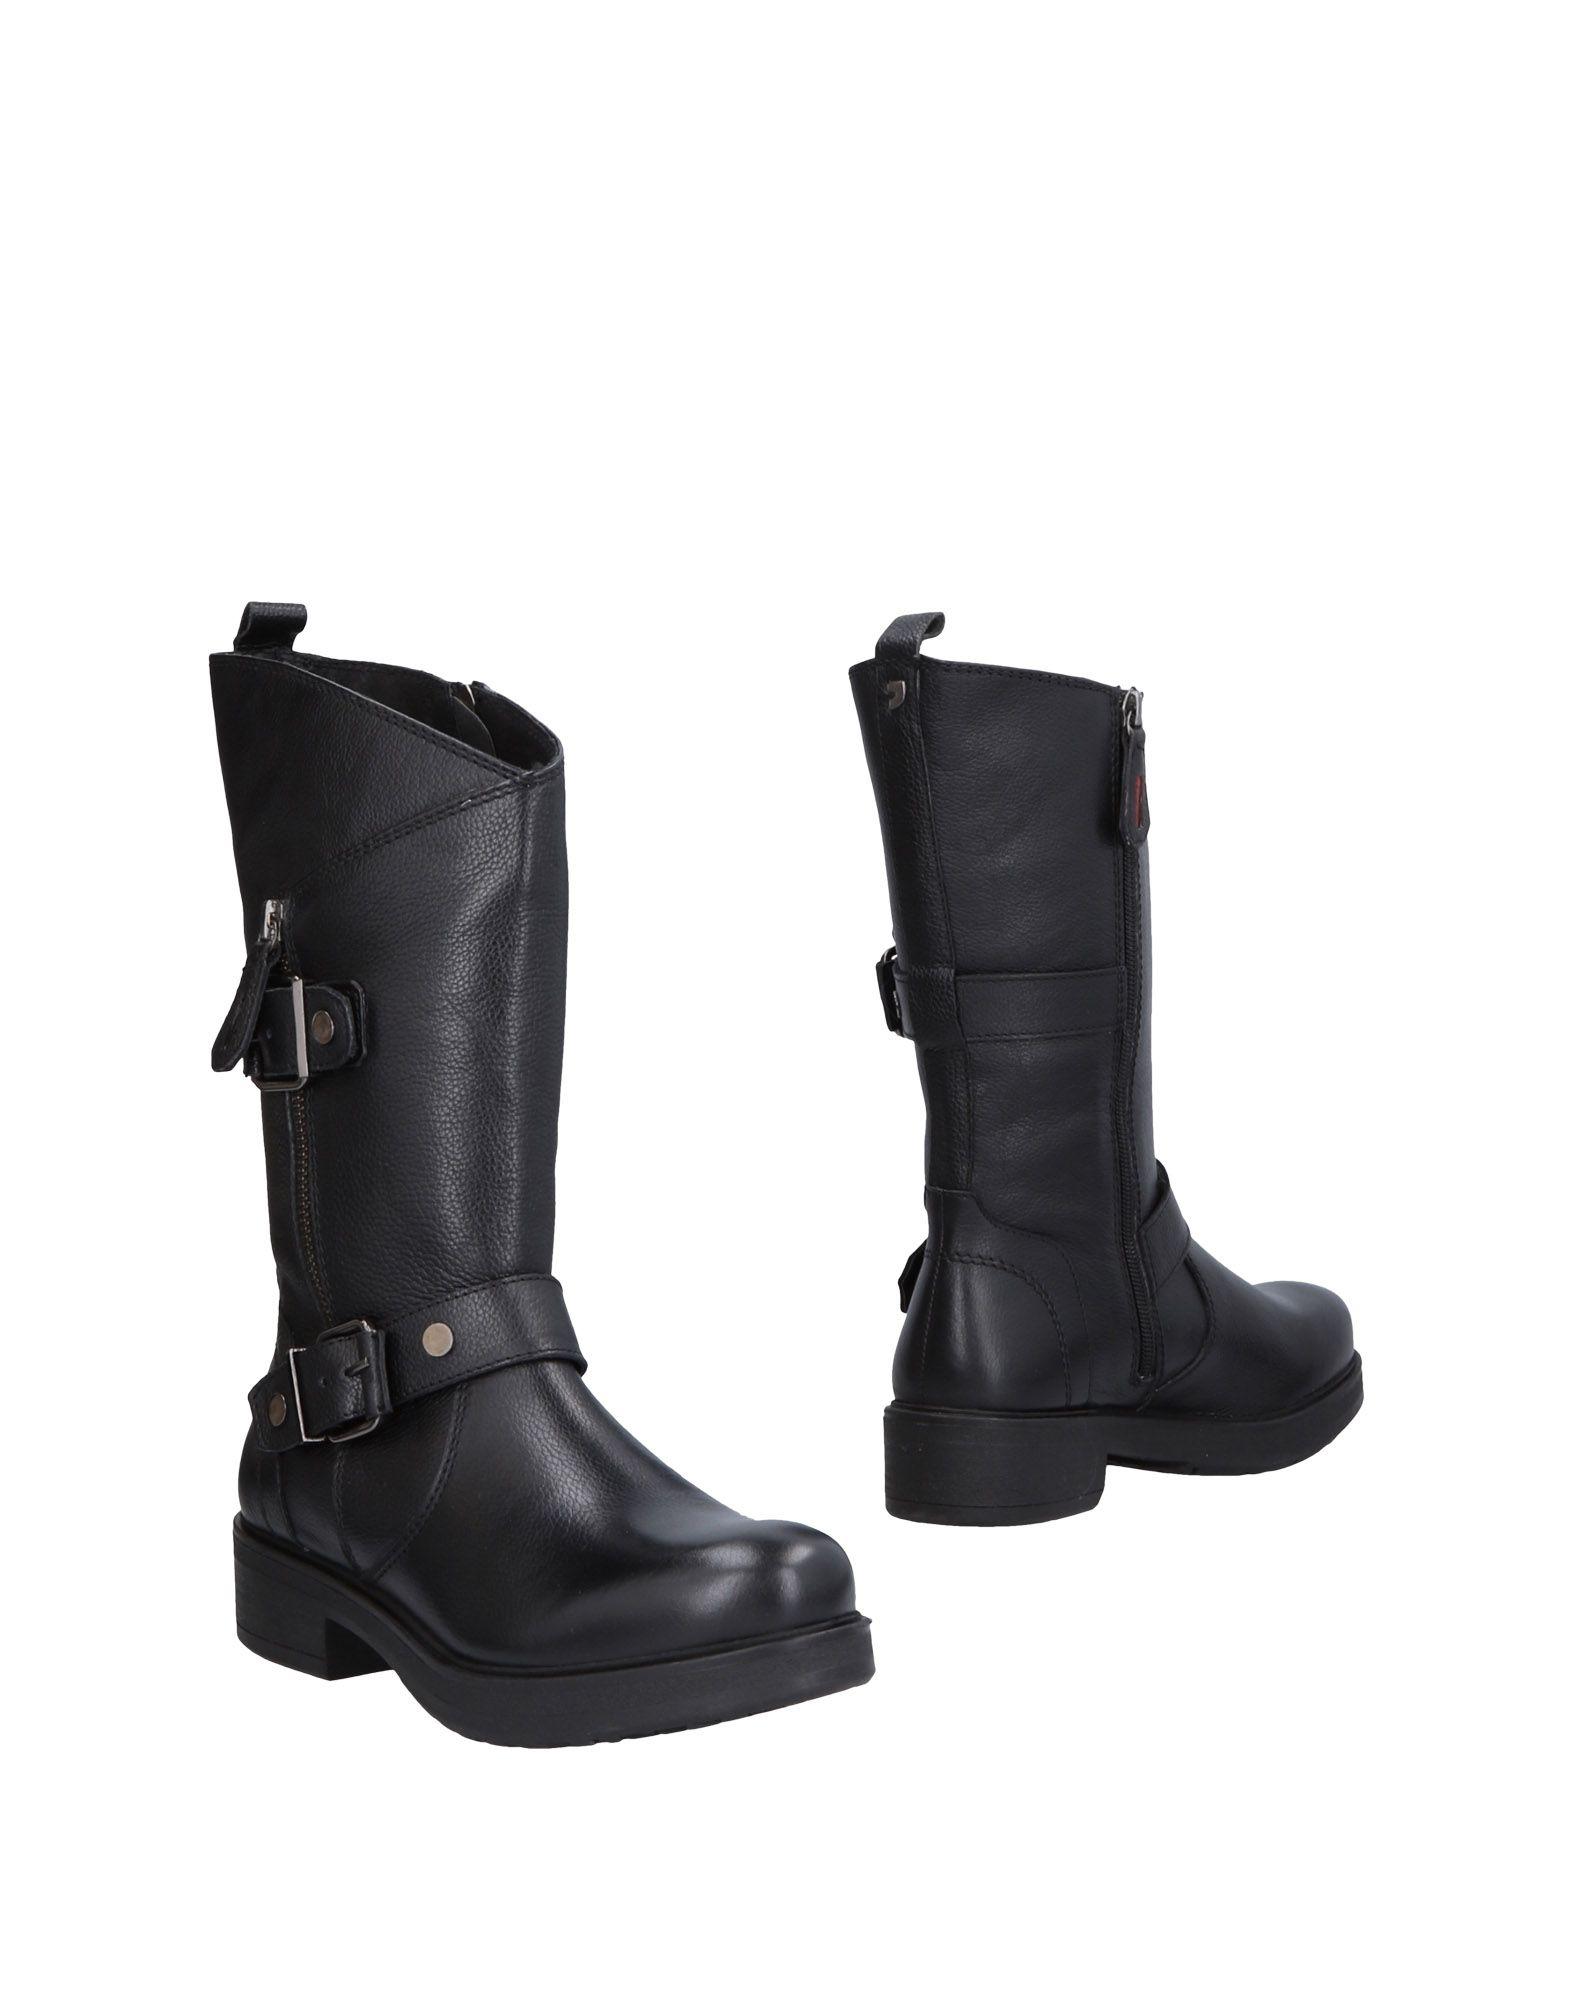 Gioseppo Stiefel Damen  11462683DB Gute Qualität beliebte Schuhe